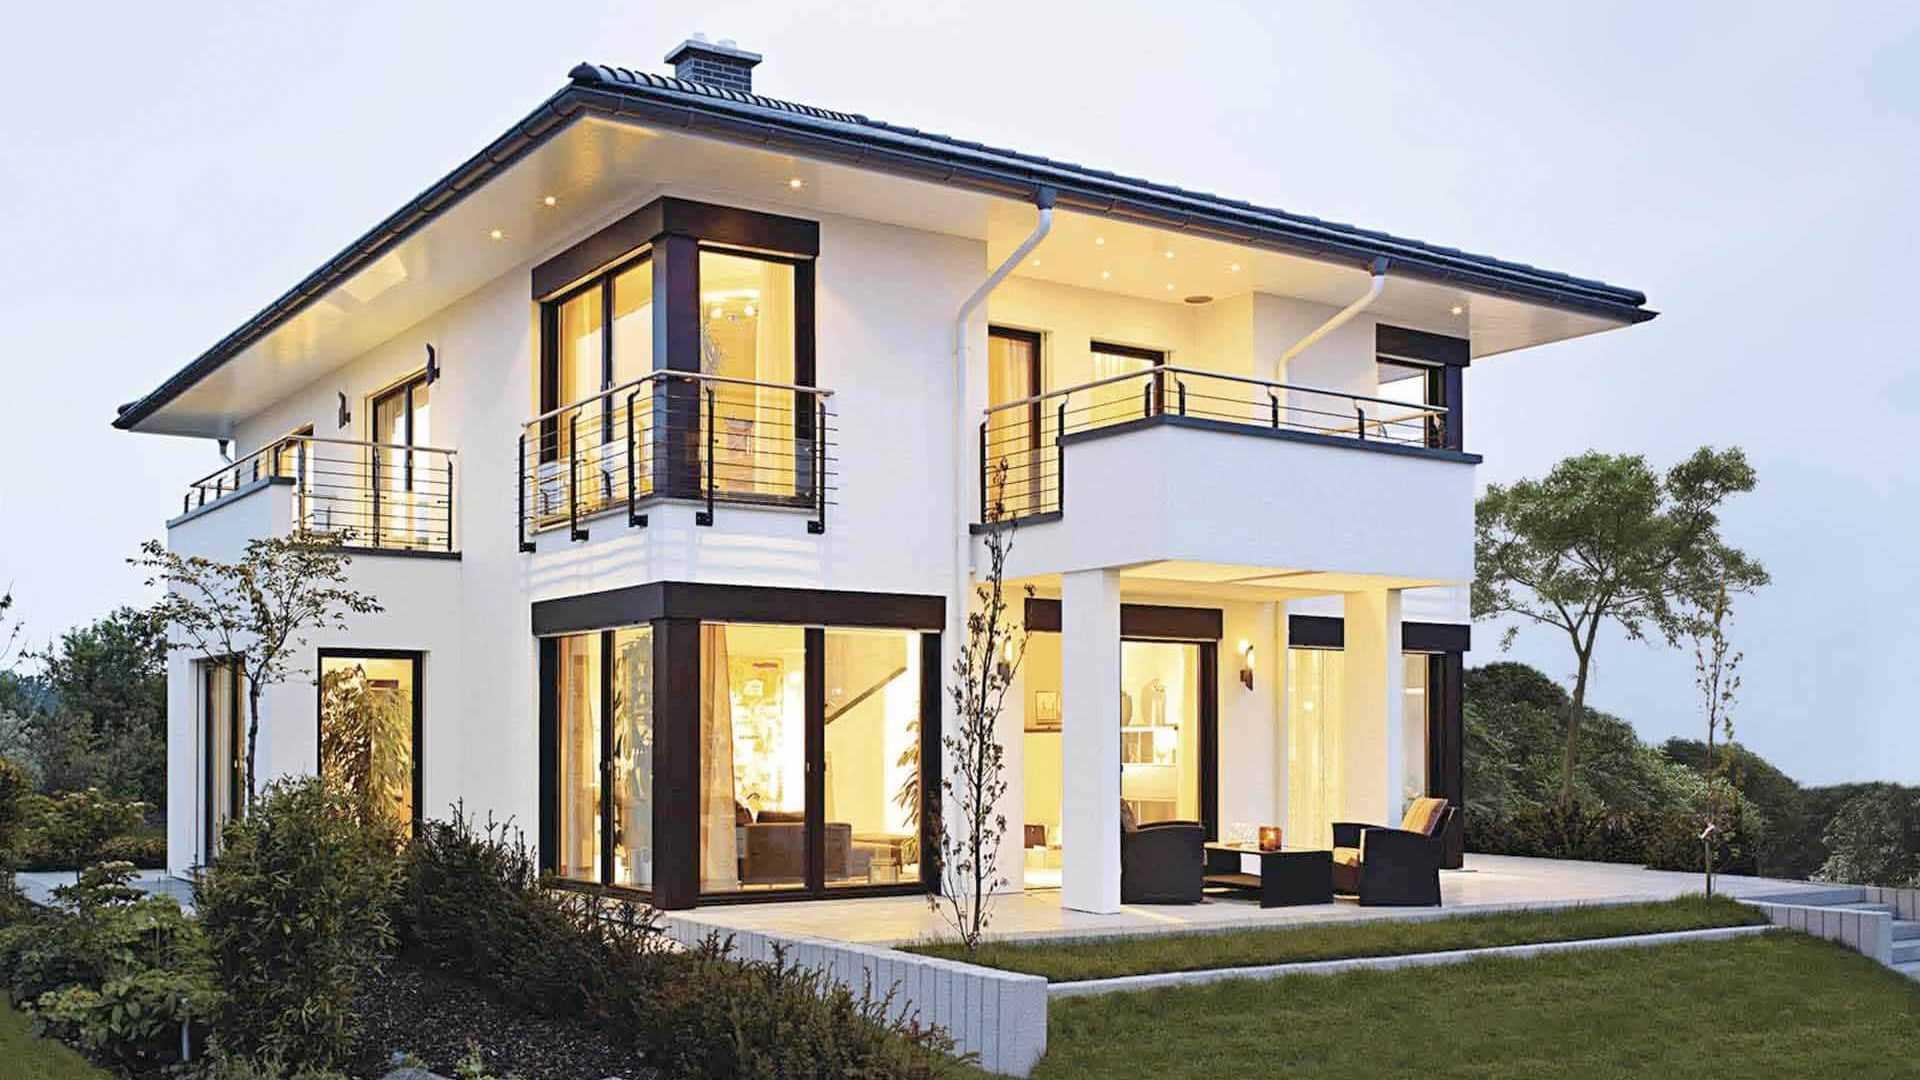 Stadtvilla bauen? Vergleiche Häuser und Preise auf Musterhaus.net